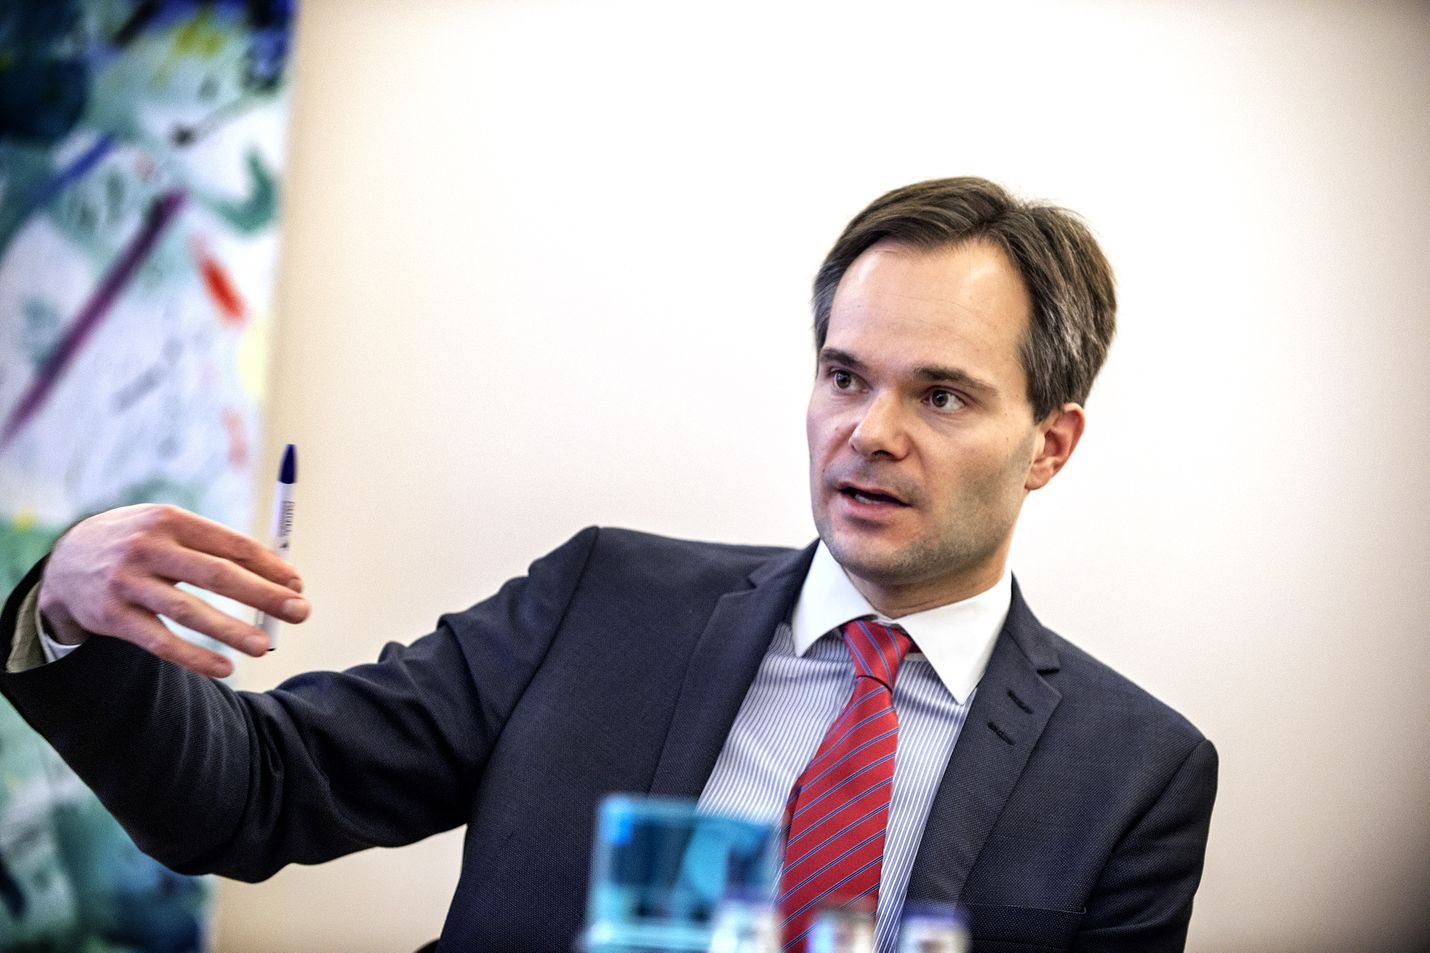 Sisäministeri Kai Mykkänen (kok.) matkustaa lauantaina Ouluun keskustelemaan kaupungissa tapahtuneista seksuaalirikoksista yhdessä kaupungin johdon ja viranomaisten kanssa.